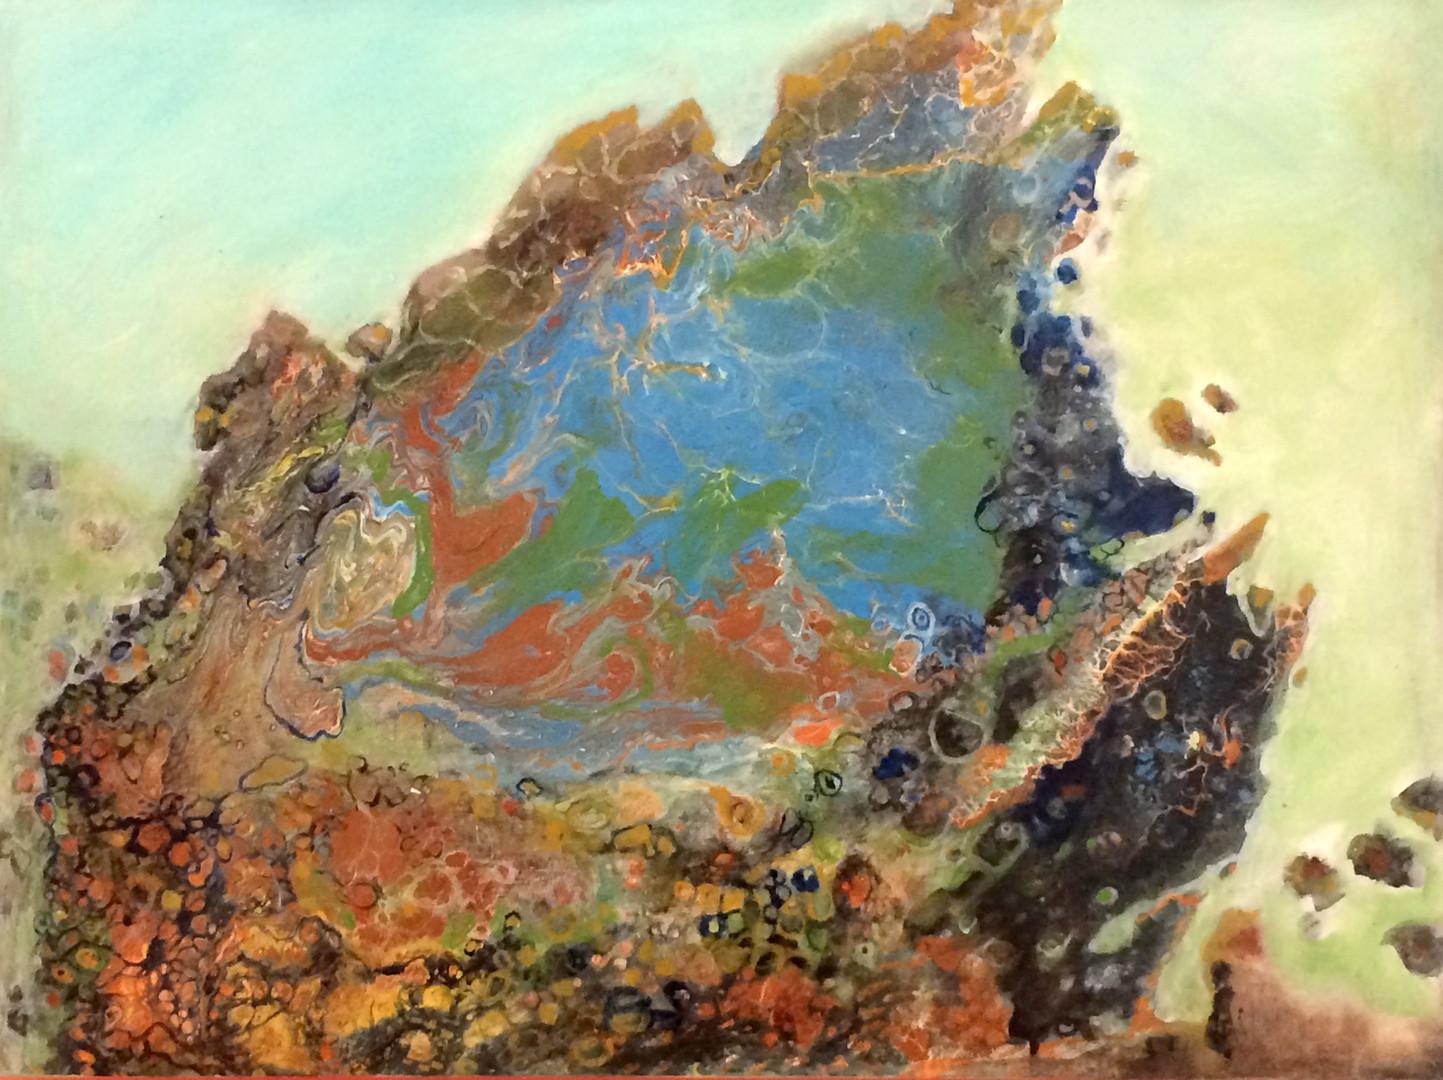 """Geode, 18""""x24"""" acrylic on wood panel, janetstrayer.com"""